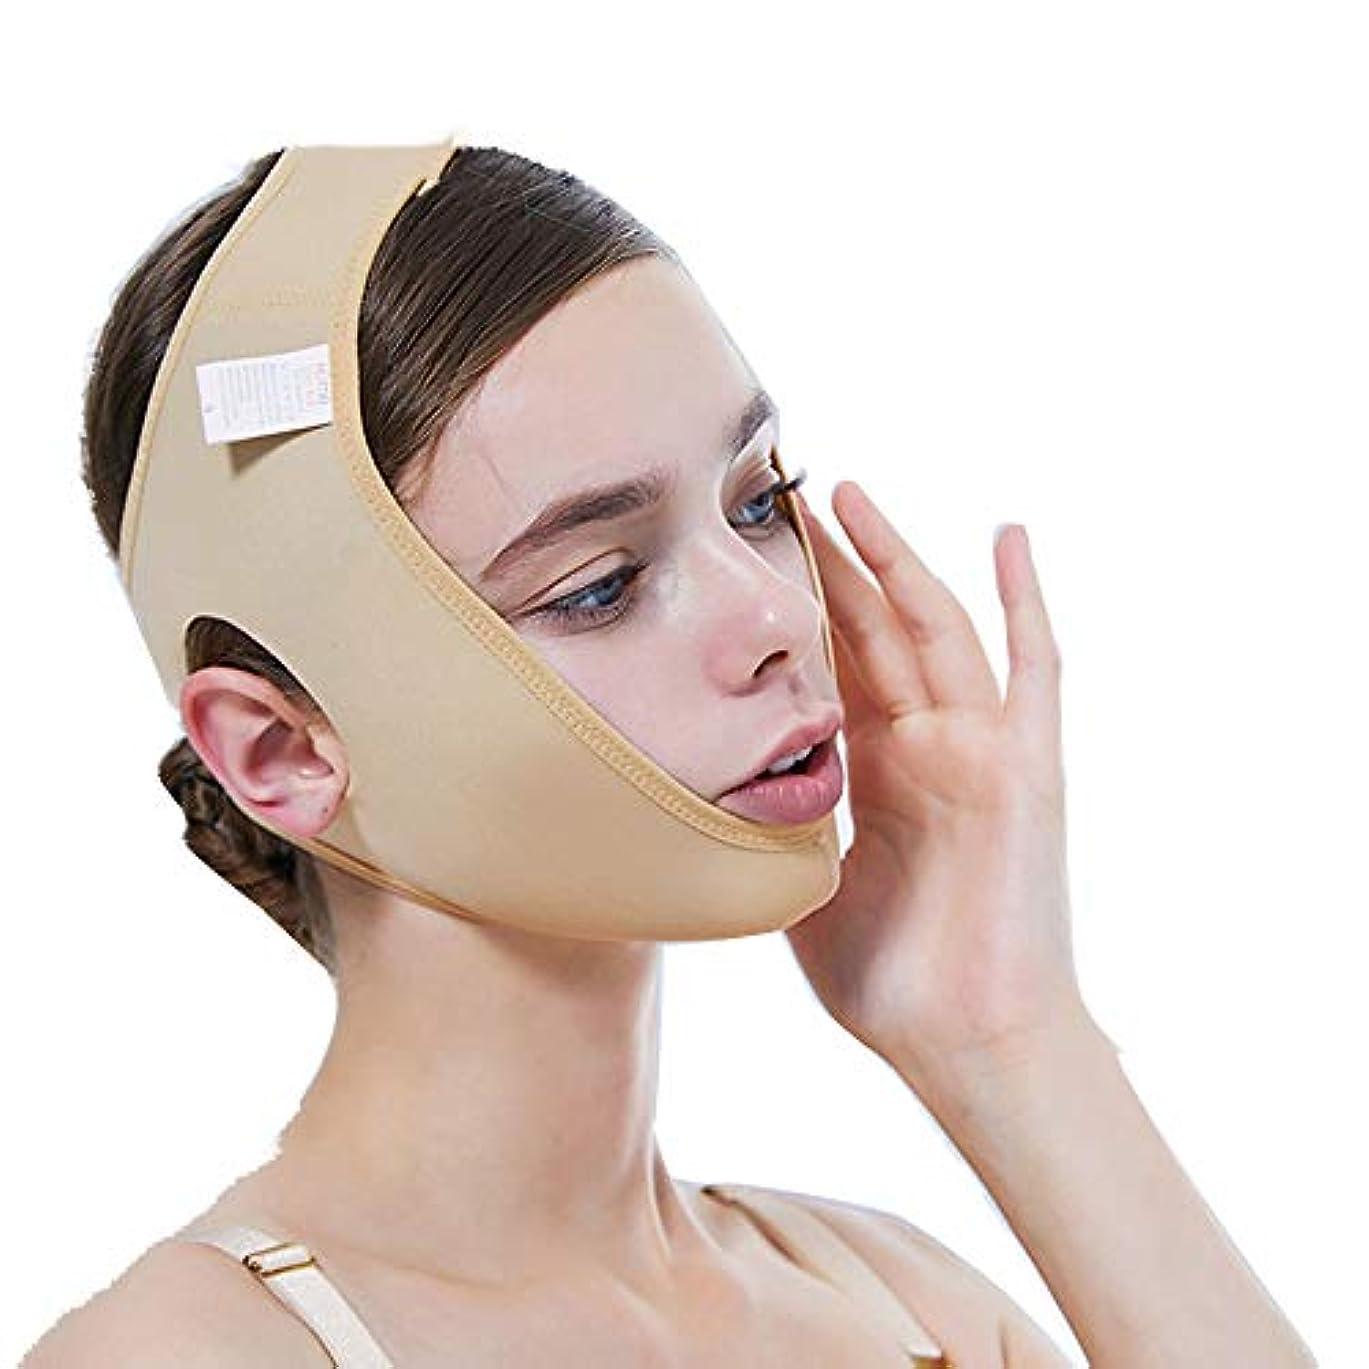 区別するのため暗いフェイスリフトマスク、薄型ダブルチンアーティファクト/vフェイスビームフェイス/あご手術セット/フェイスマスク(カラー),XXL